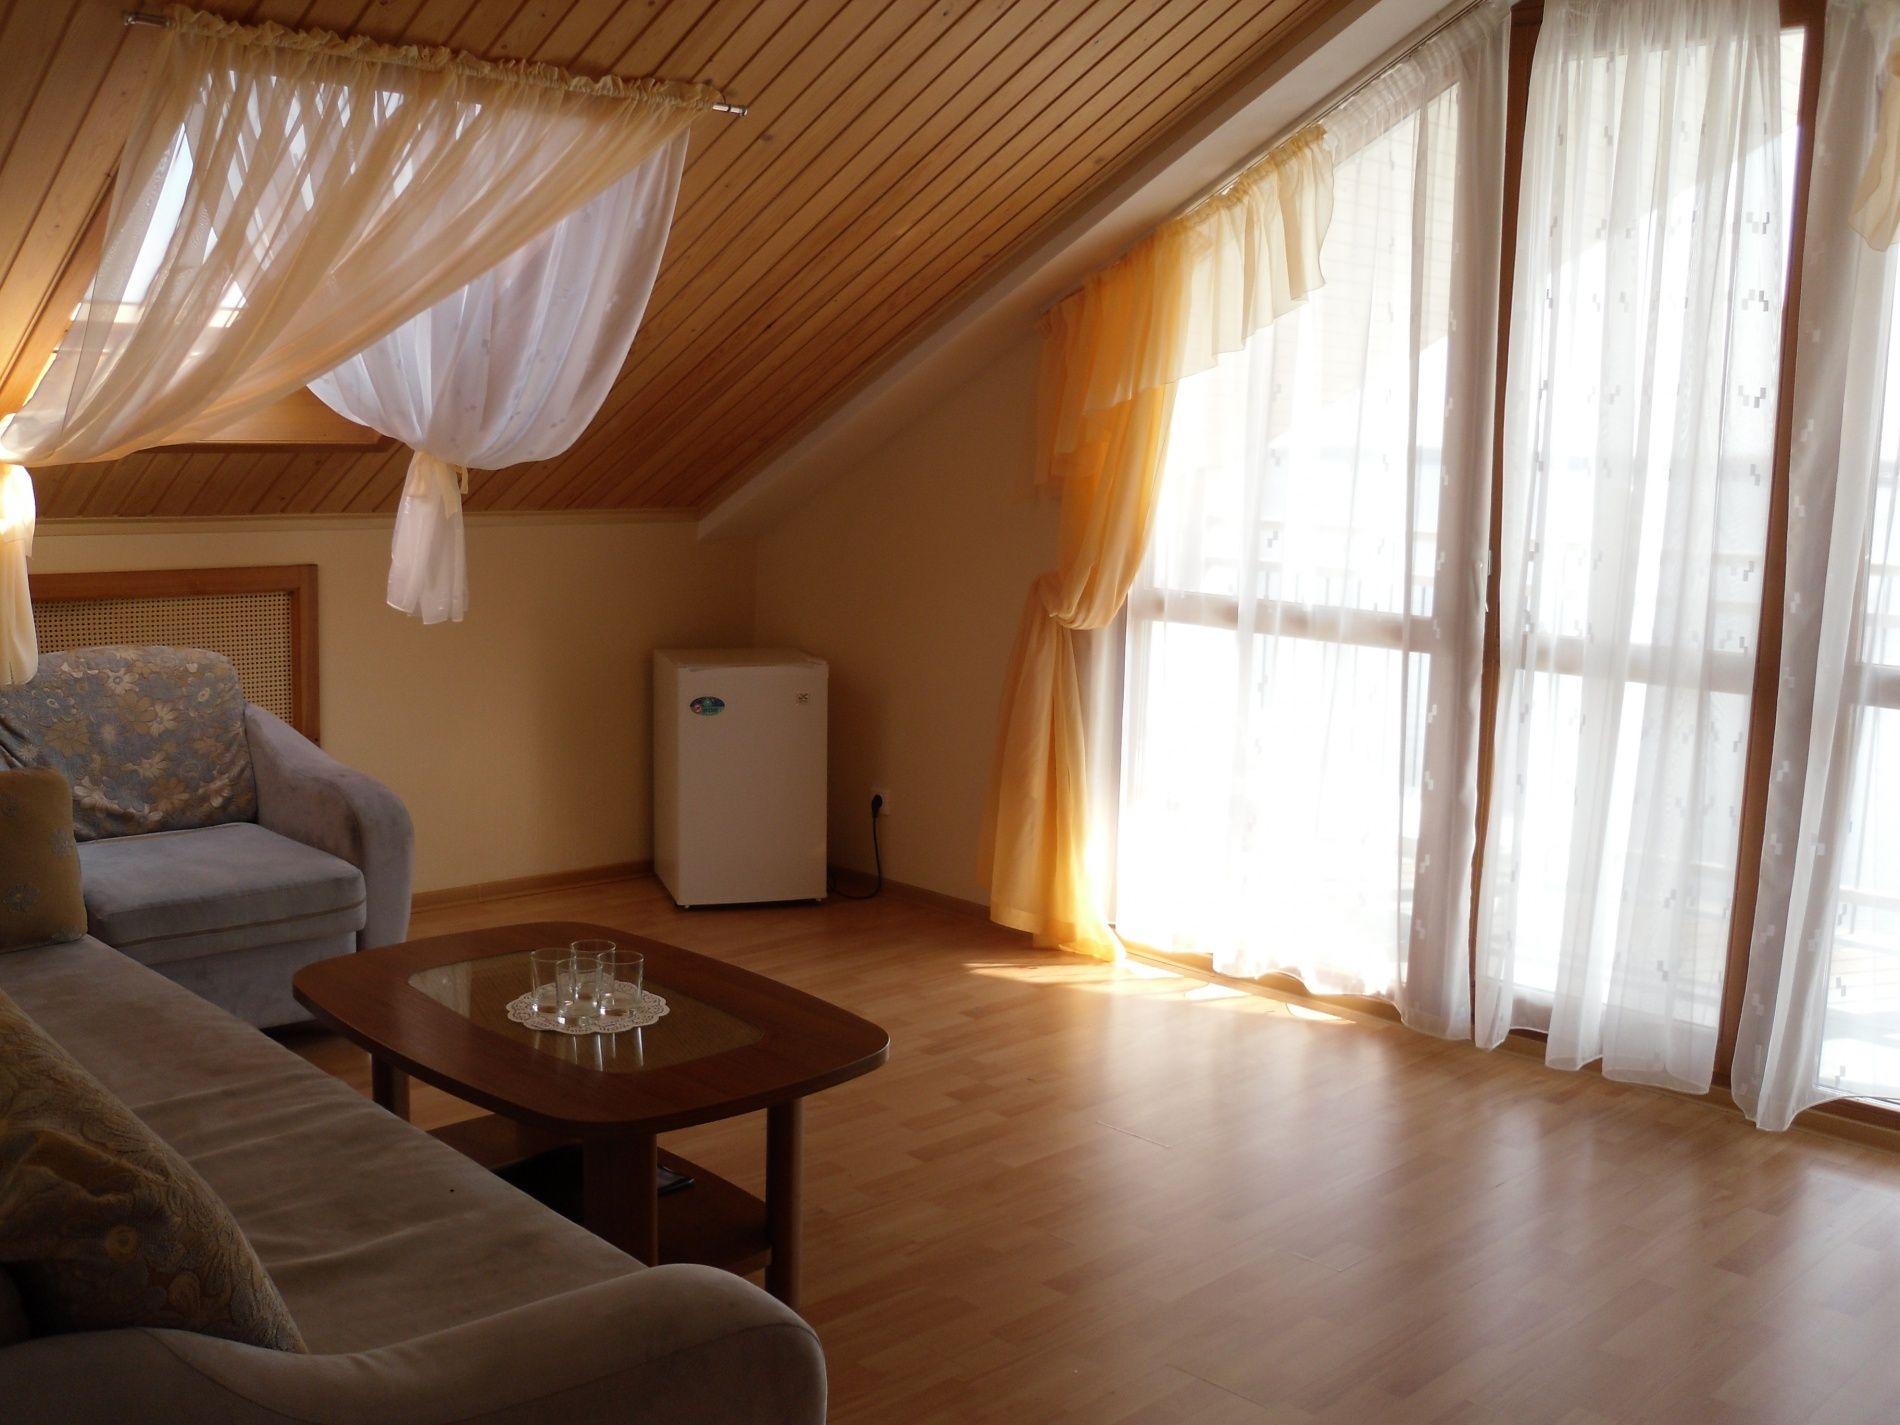 Туристический комплекс «Мирная Пристань» Ивановская область Апартаменты (№ 31, 32), фото 8